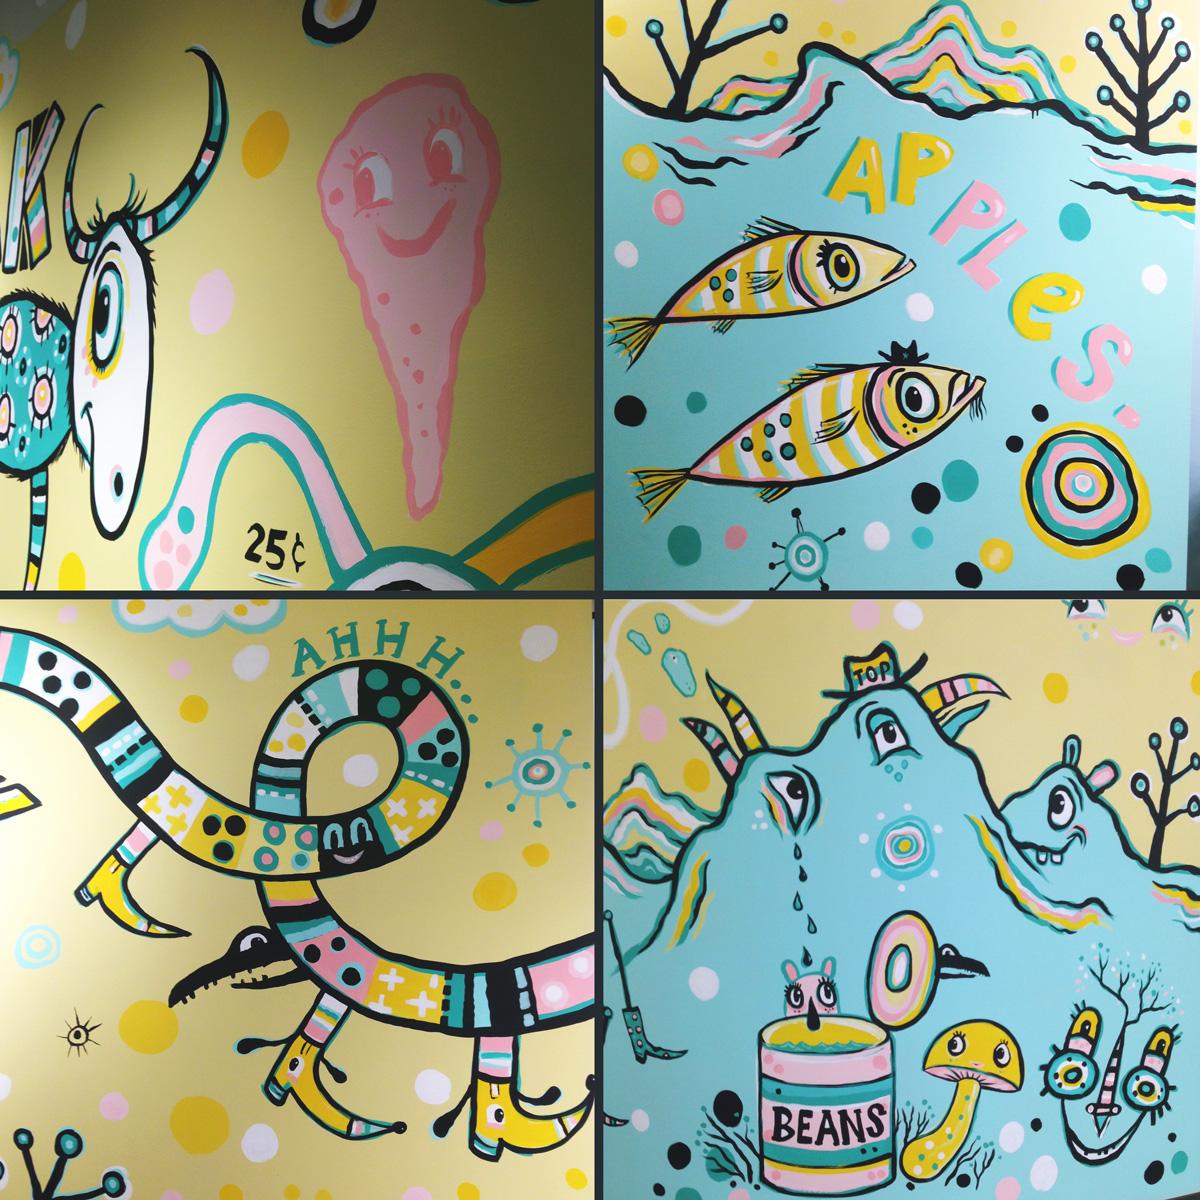 yik-yak-mural-blackcattips-4